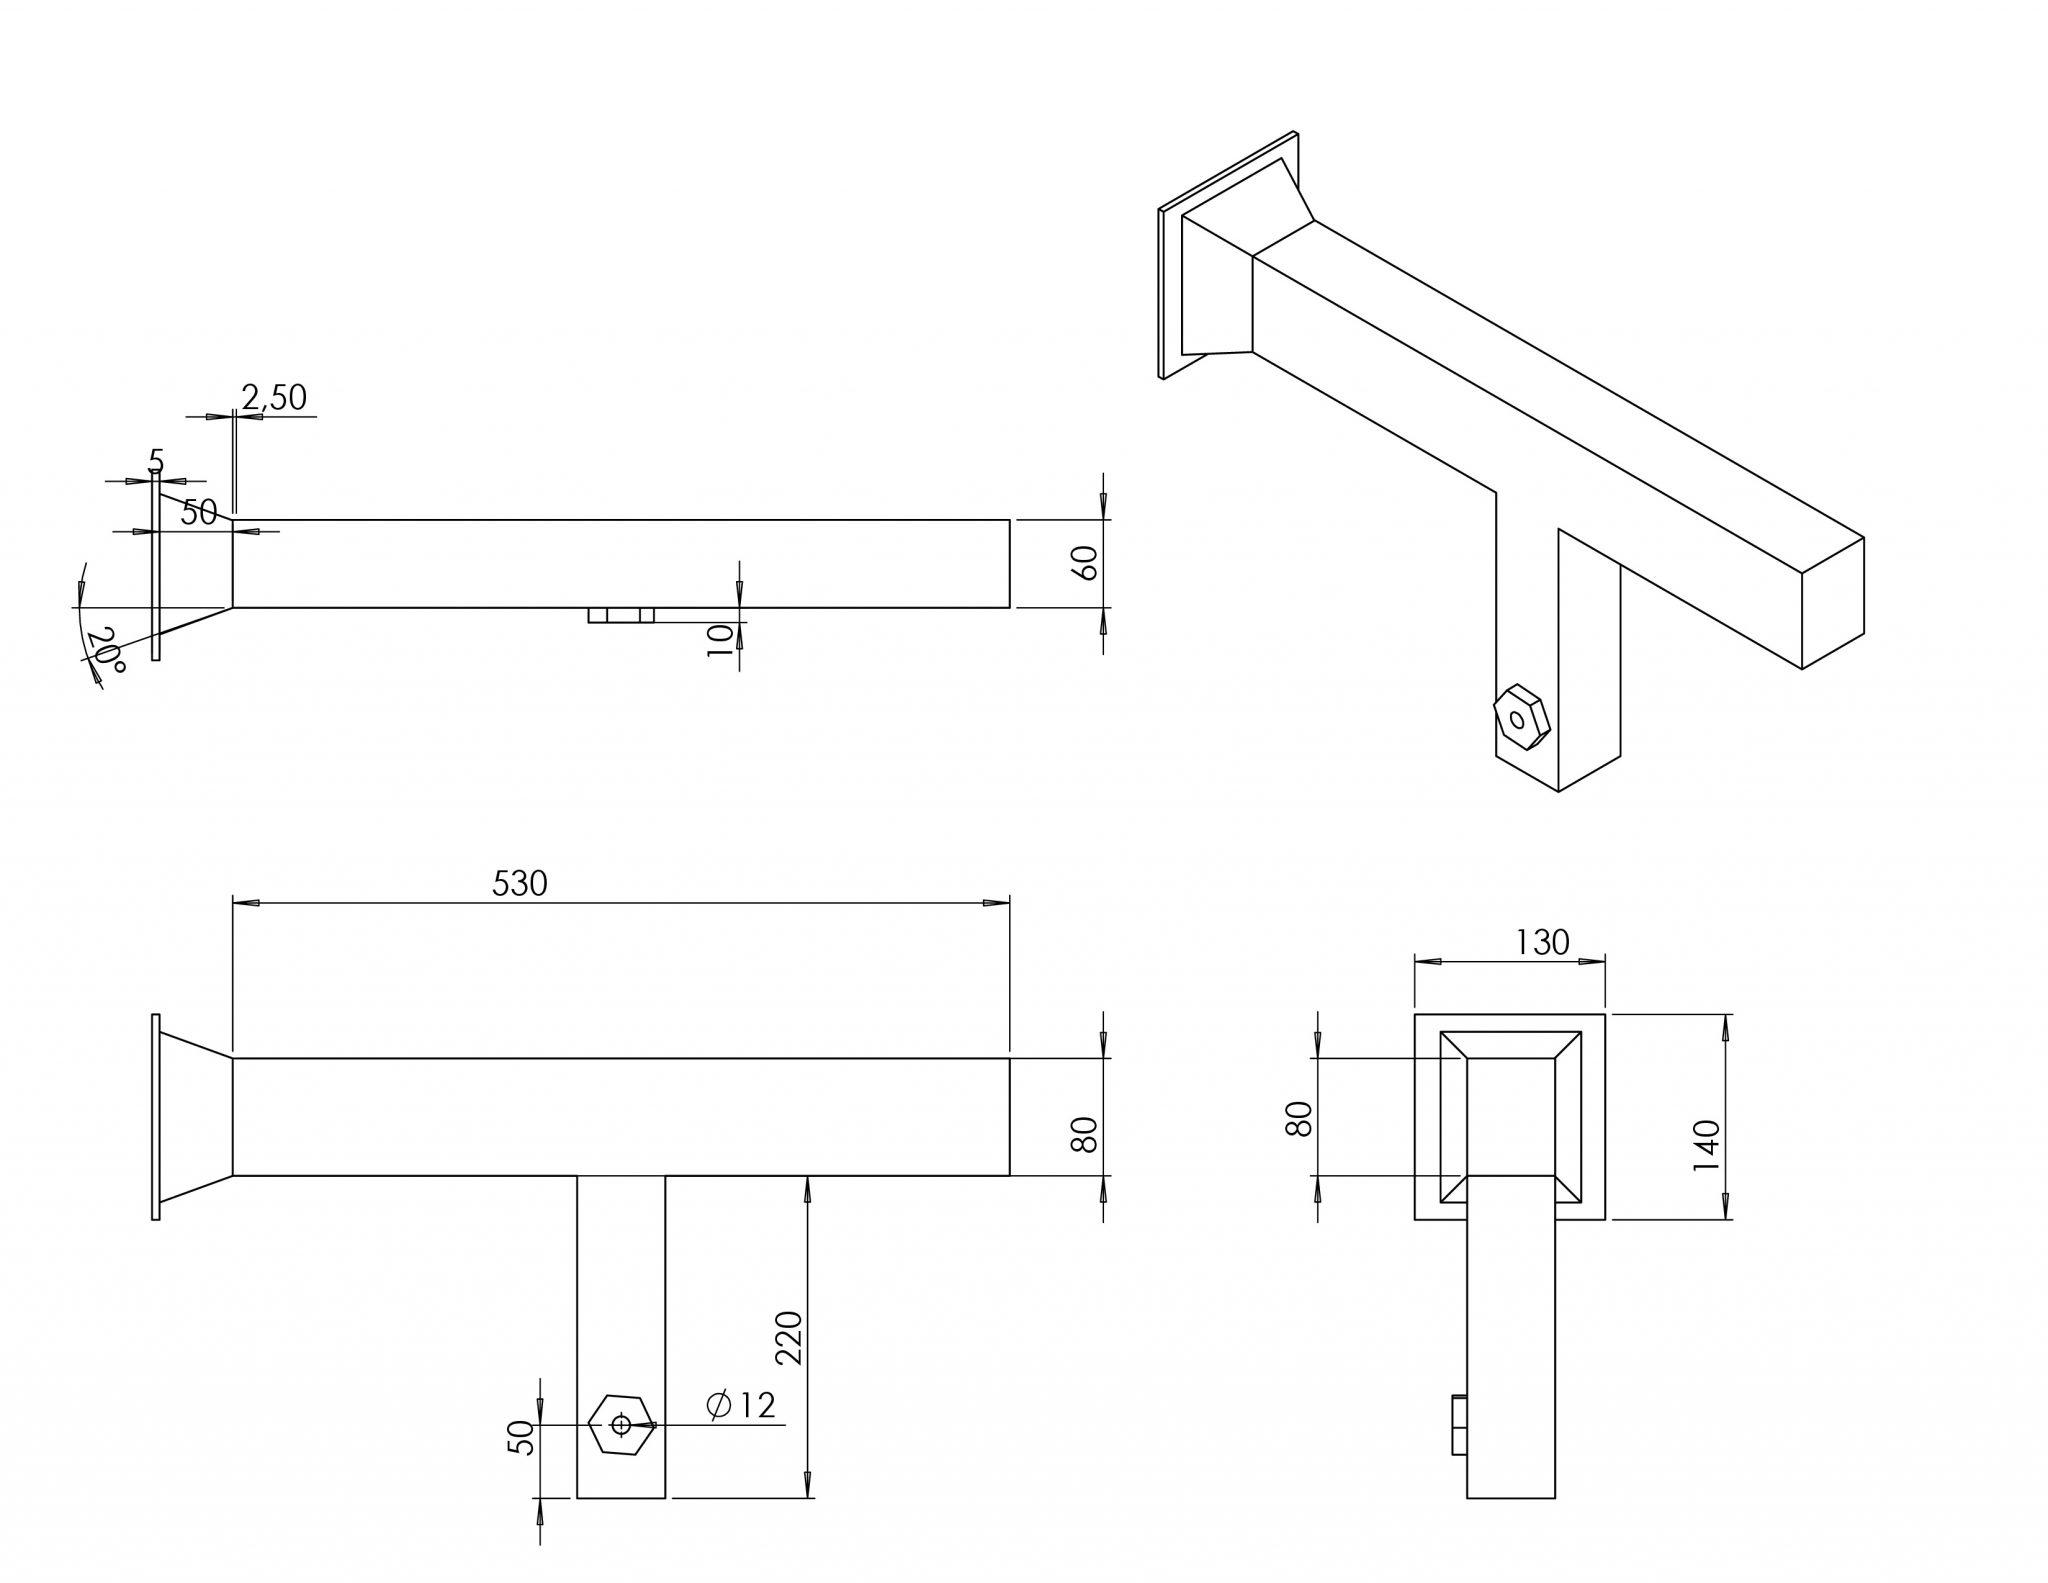 схема пиролизного котла для гаража